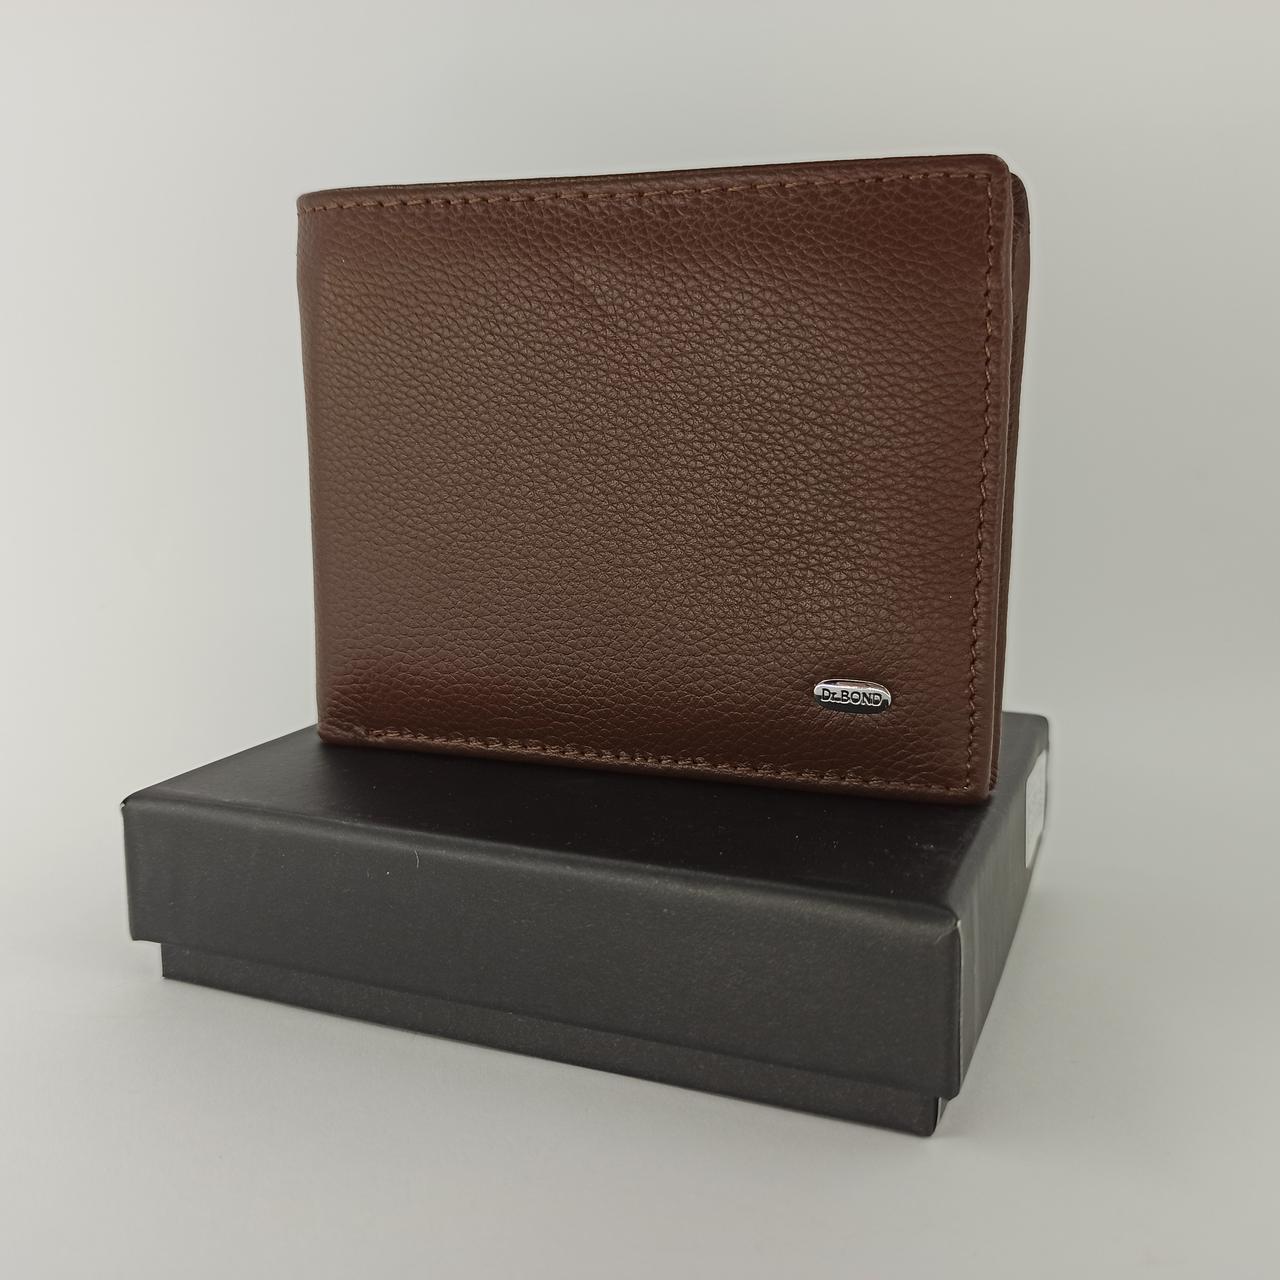 Коричневый кожаный мужской кошелек портмоне на магнитах DR. BOND MSM-1 coffee